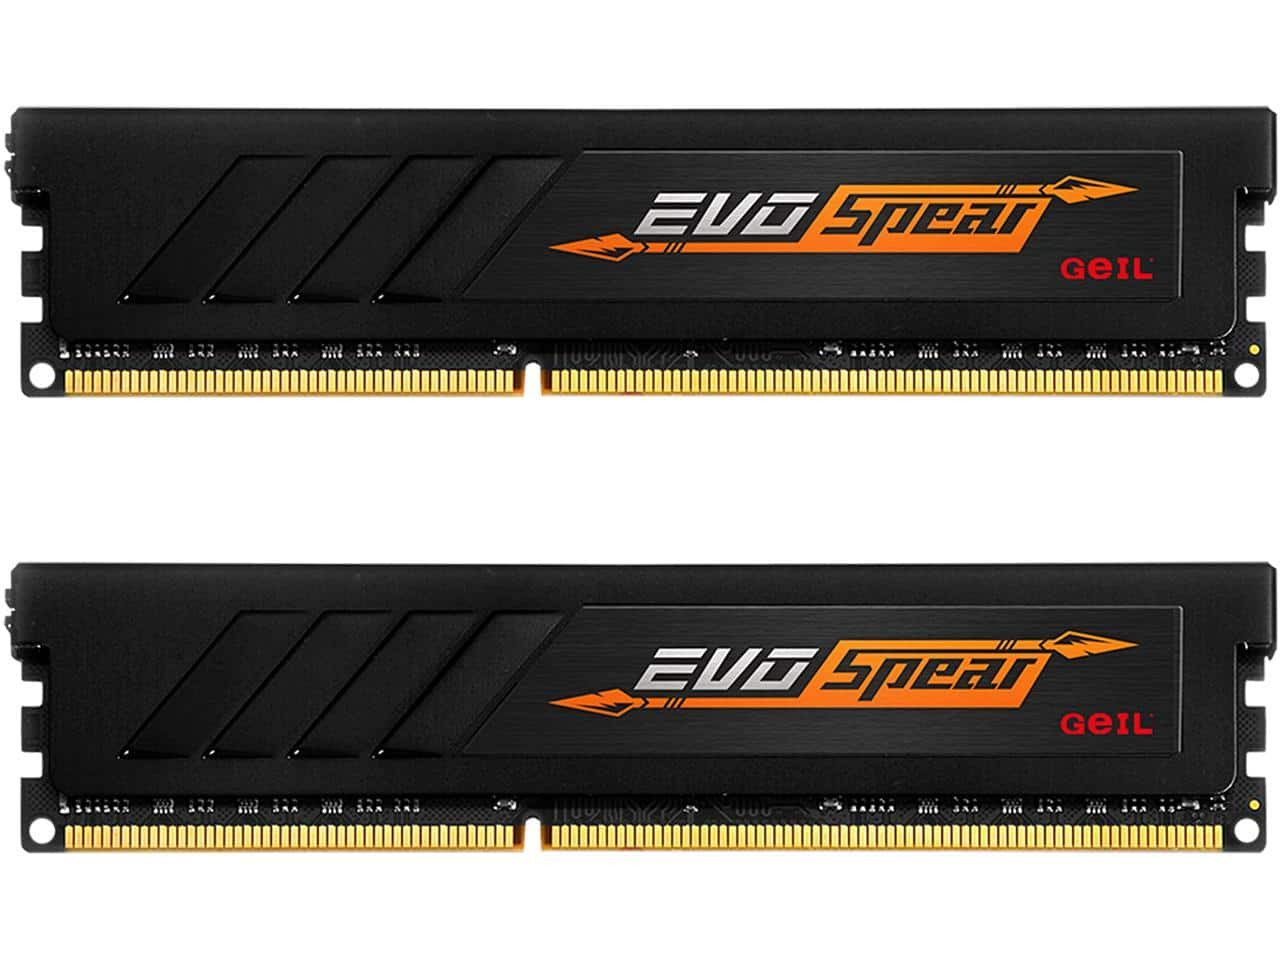 GeIL EVO SPEAR 16GB (2 x 8GB) 288-Pin DDR4 SDRAM DDR4 3000 (PC4 24000) Desktop Memory GSB416GB3000C16ADC  - $63.99 + FS